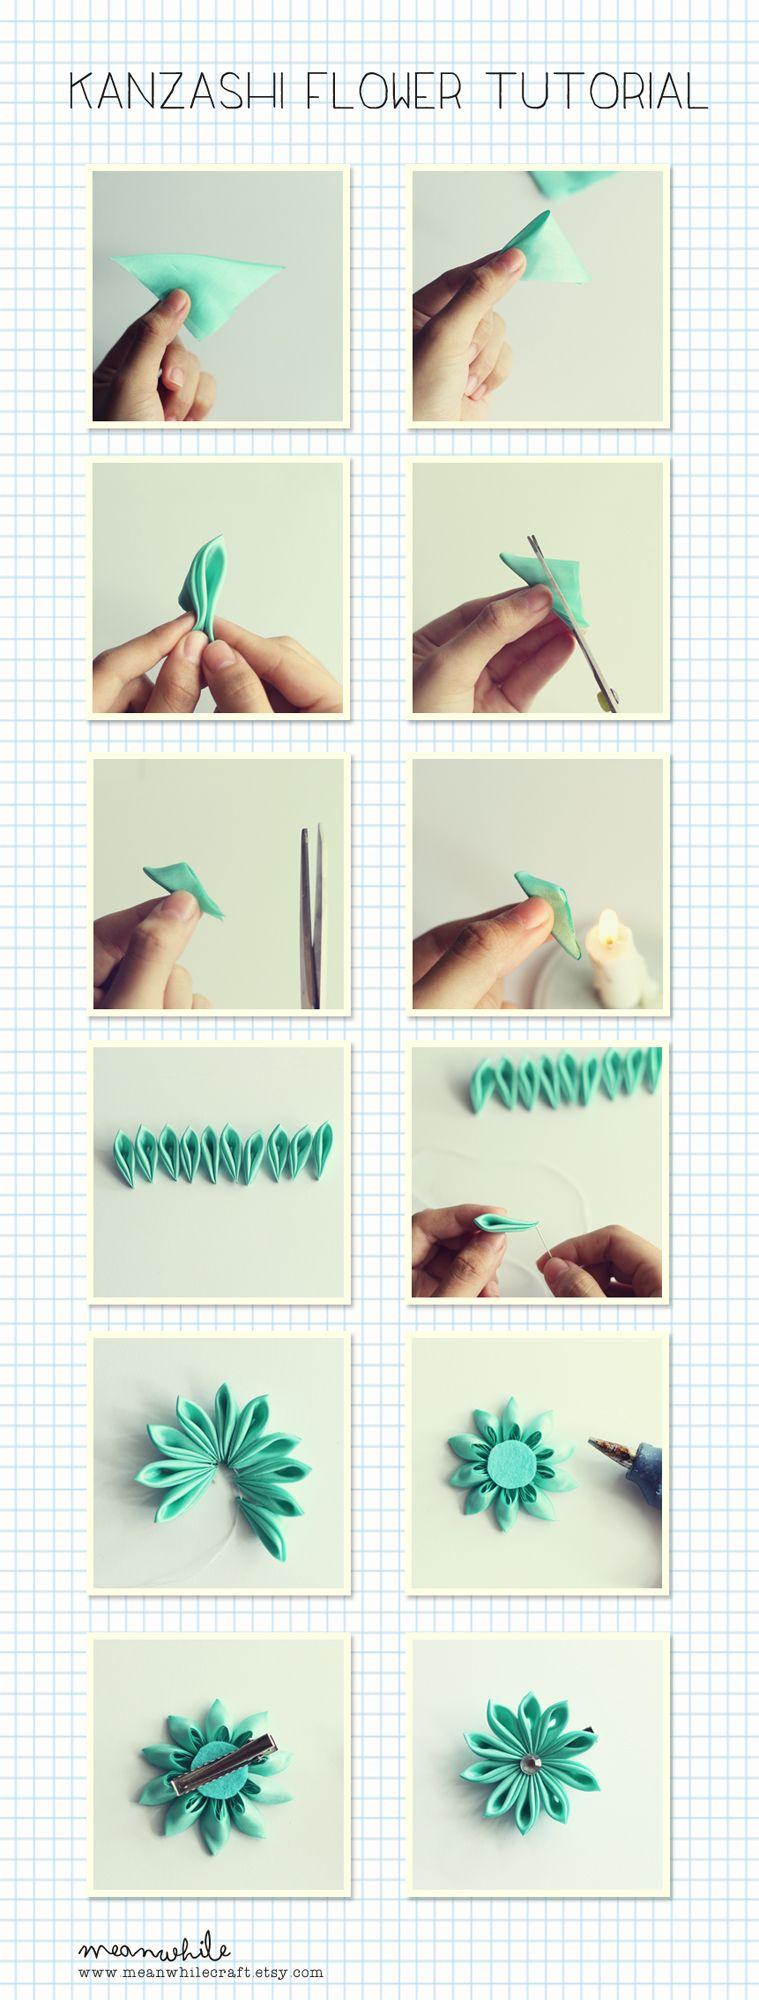 Kanzashi flower tutorial  by MeanwhileCraft